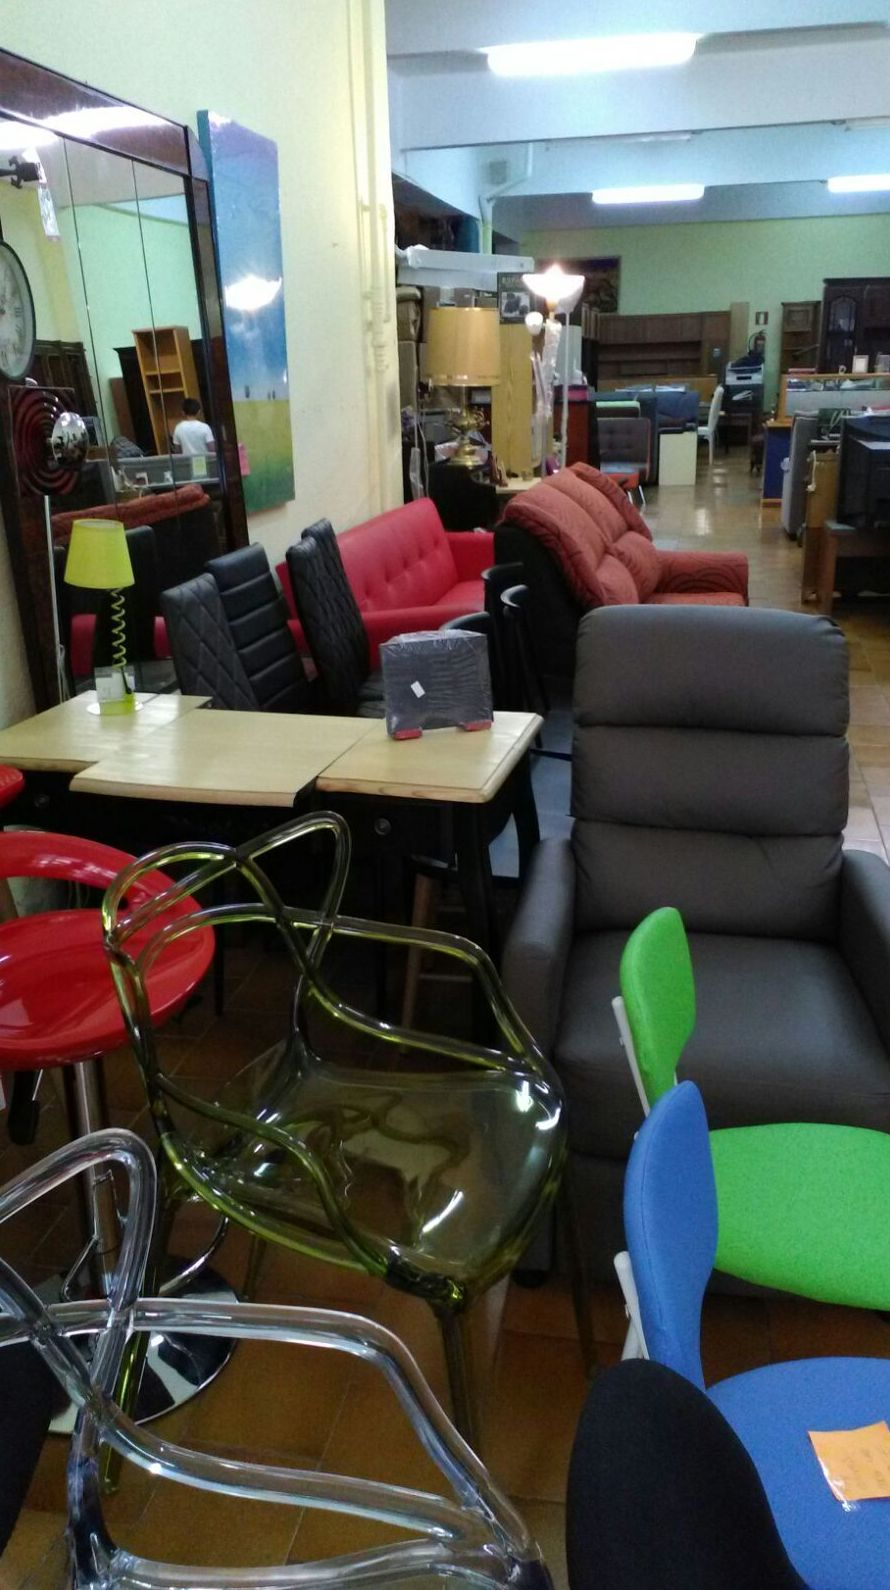 Recogida de muebles de segunda mano servicios de remar rioja - Remar recogida muebles ...